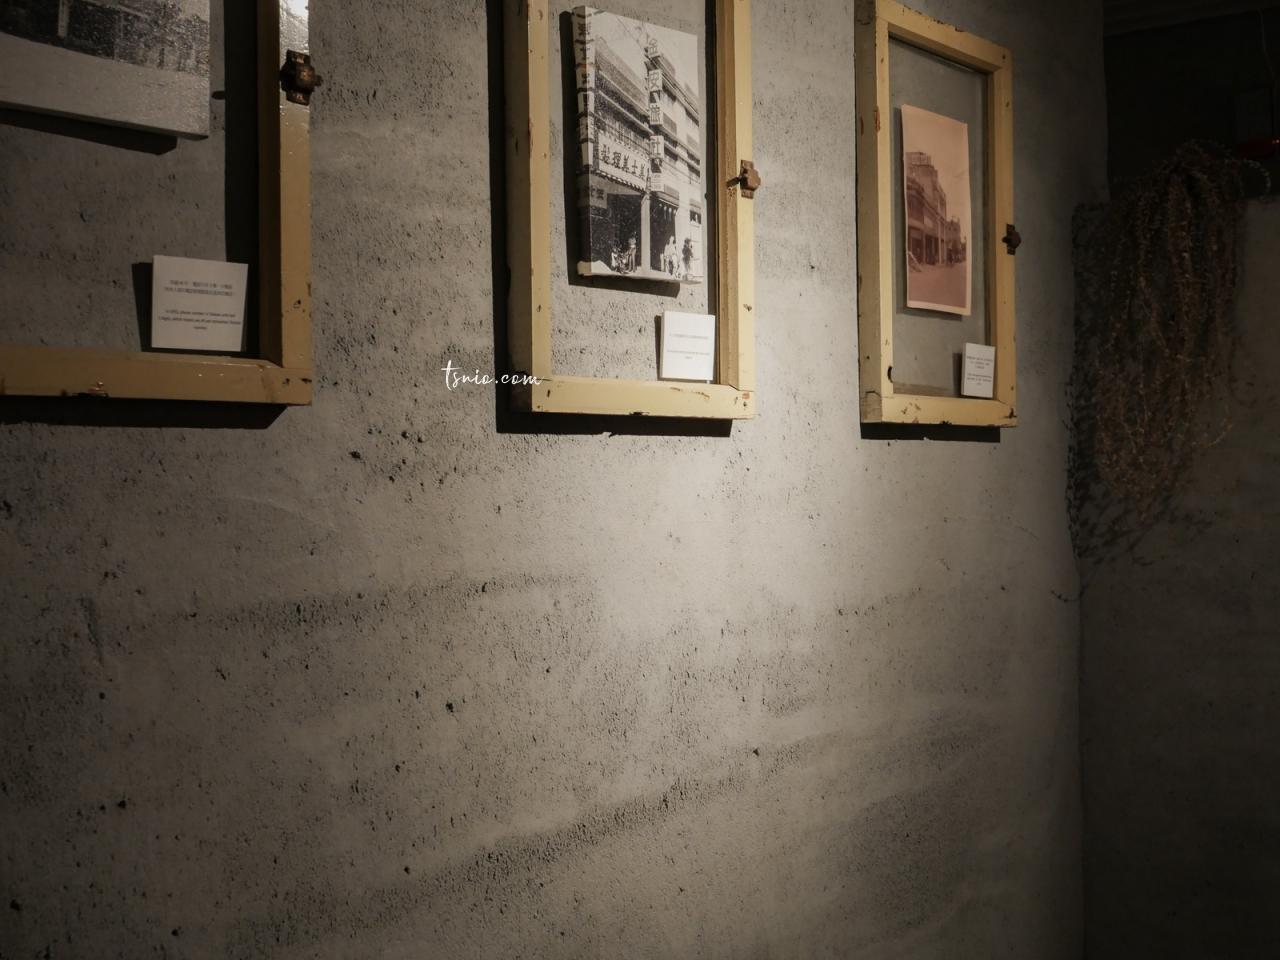 台東住宿推薦 門廷若室旅店鐵花秀泰館 老厝改造新生命 文青風平價飯店